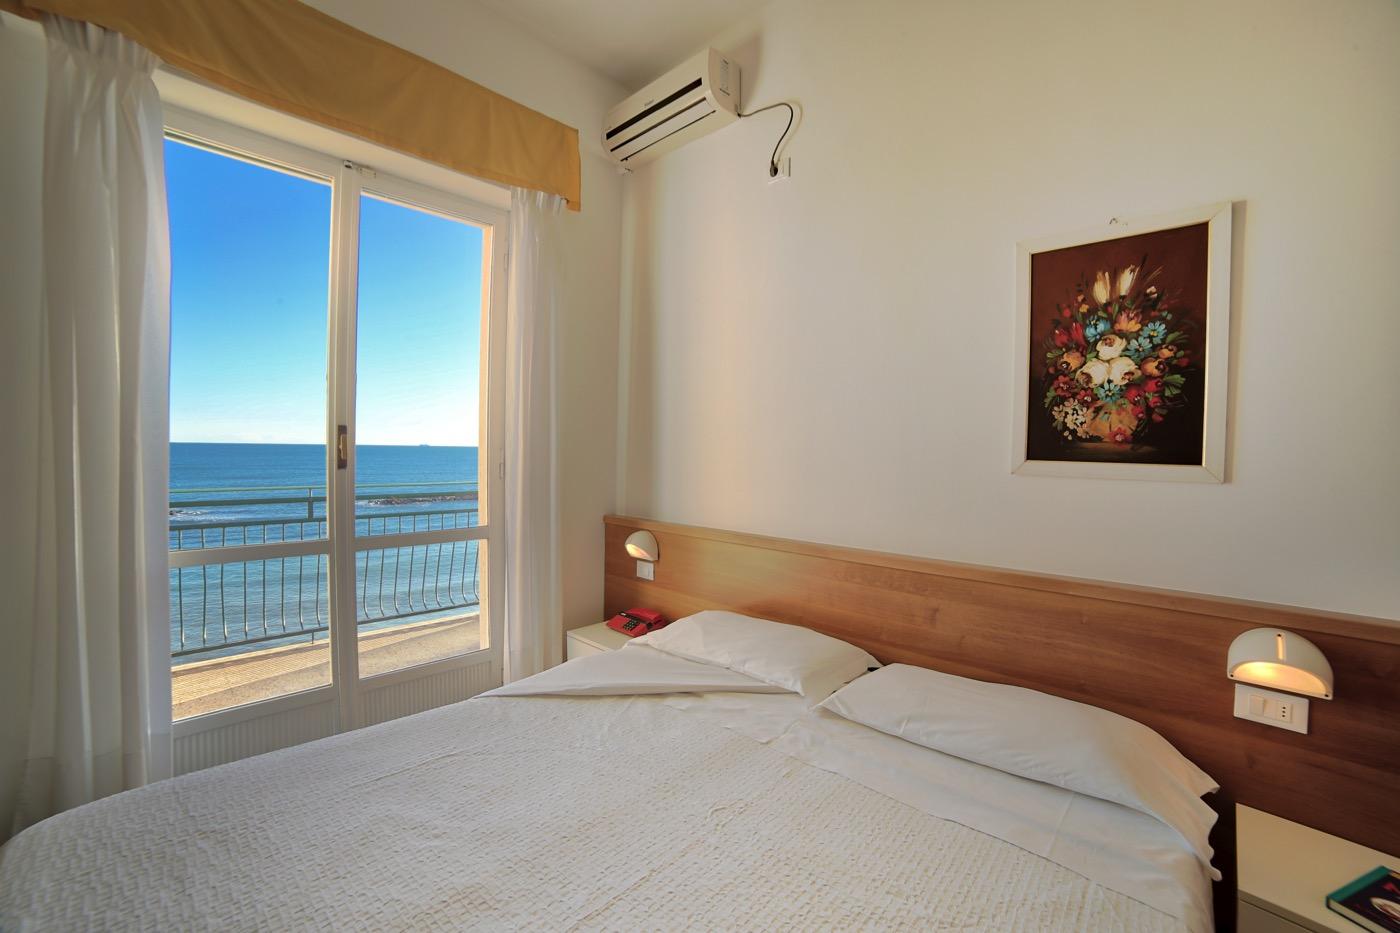 Hotel Mayola camera fronte mare